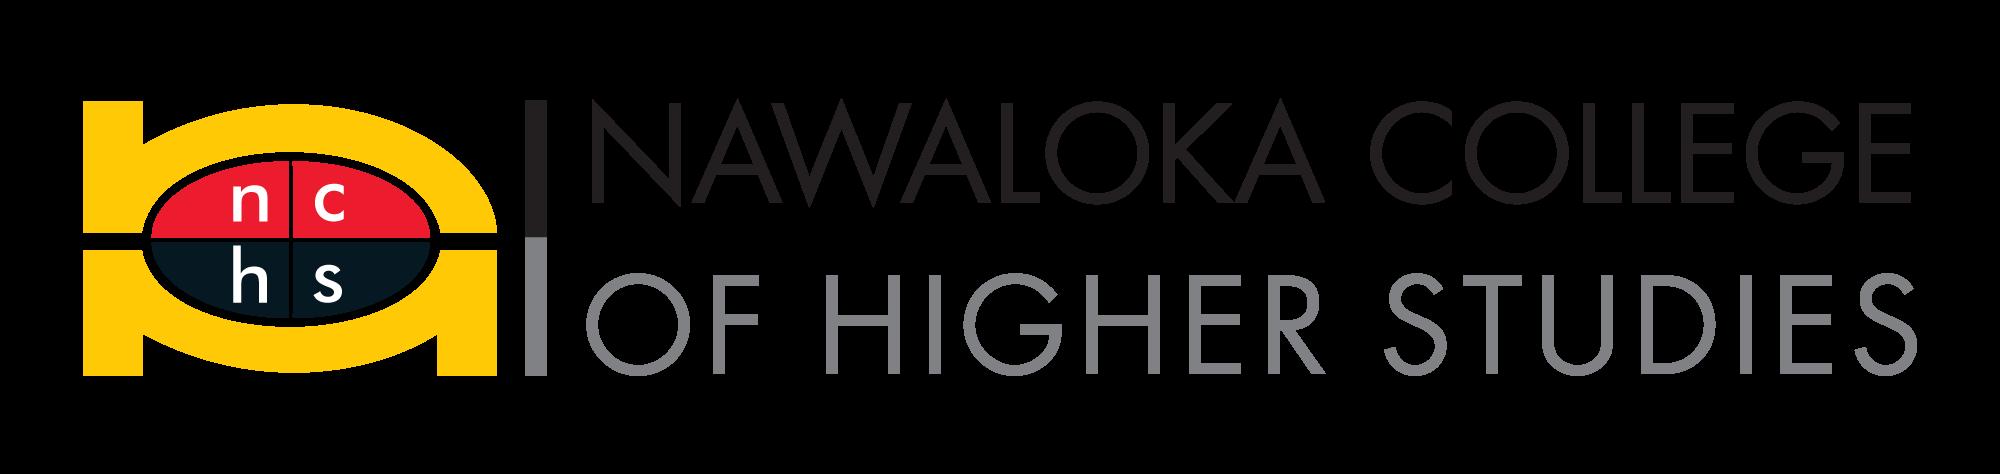 NAWALOKA COLLEGE OF HIGHER STUDIES